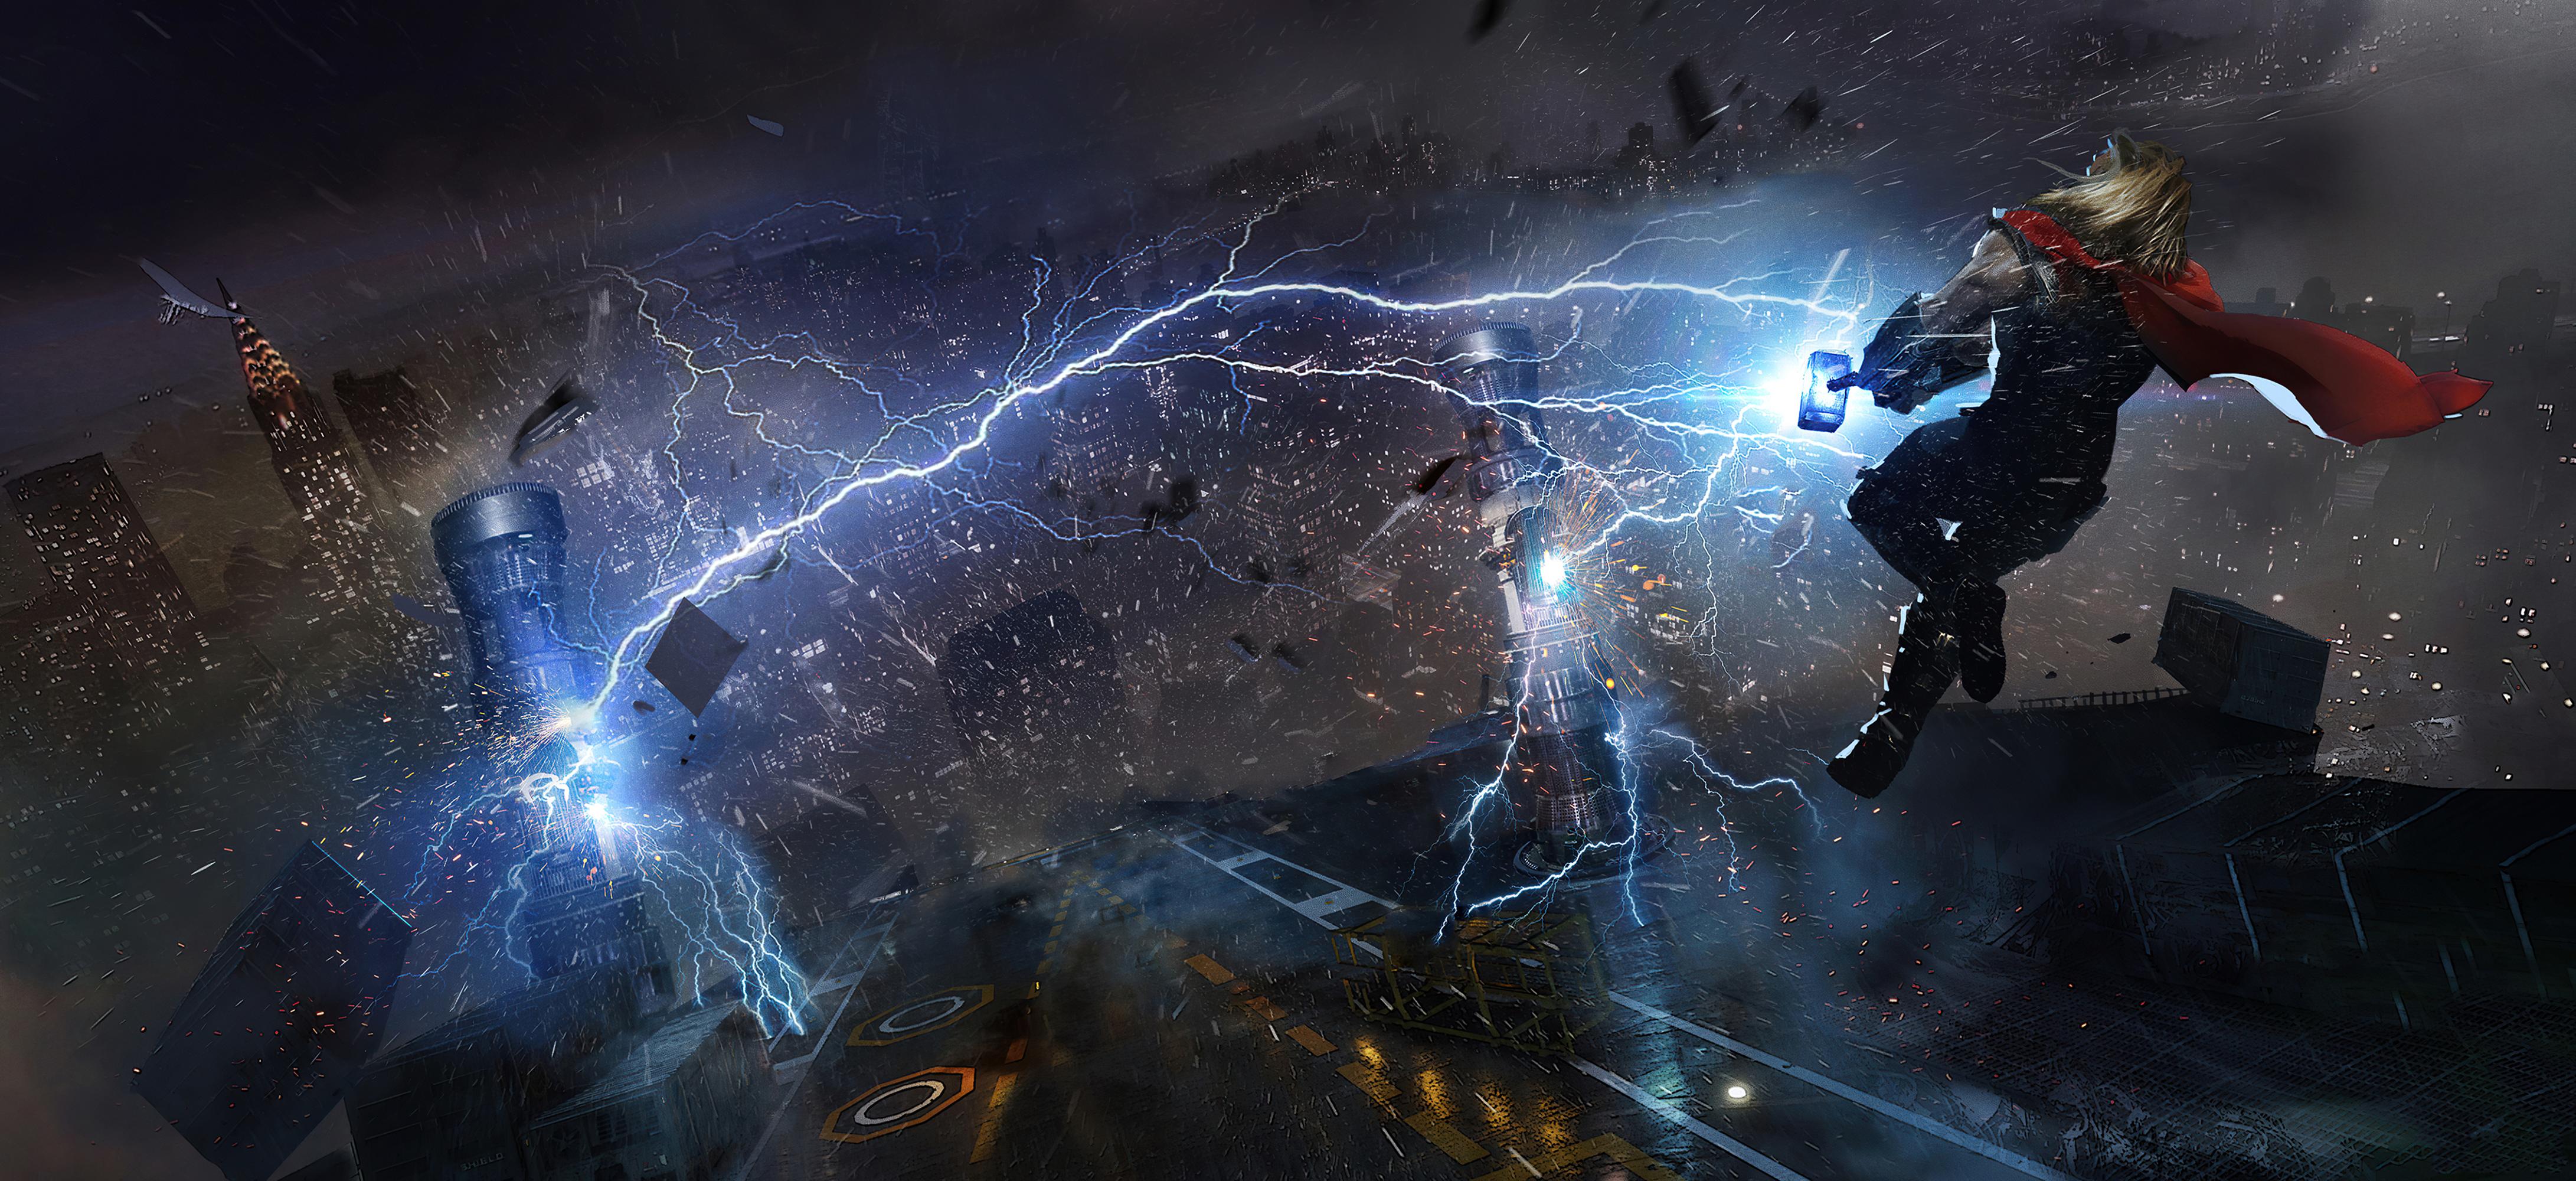 Wallpaper 4k Thor In Marvels Avengers Thor In Marvels Avengers 4k Wallpapers